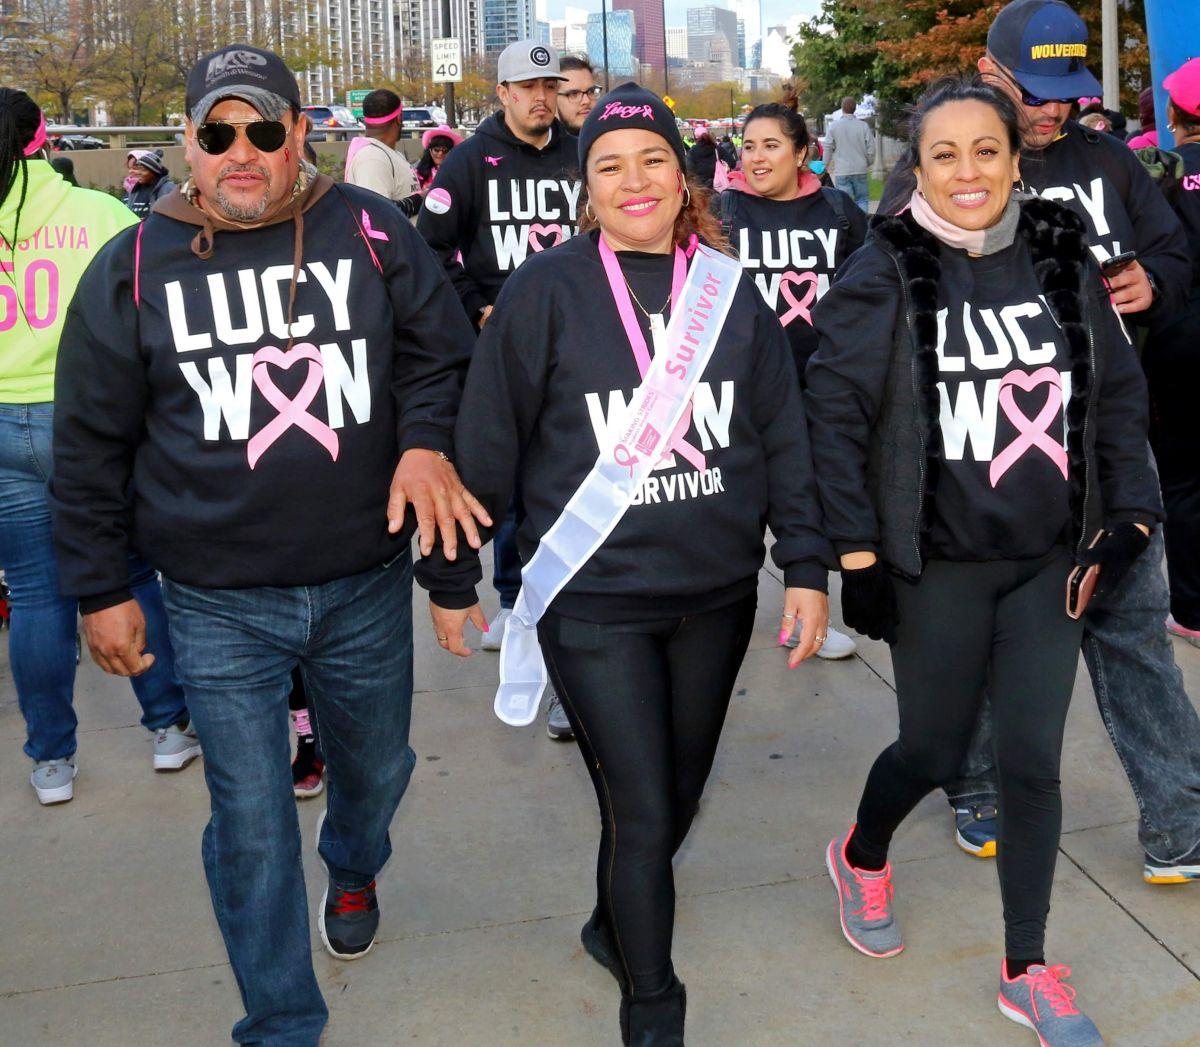 Vuelve a Chicago la caminata contra el cáncer de seno